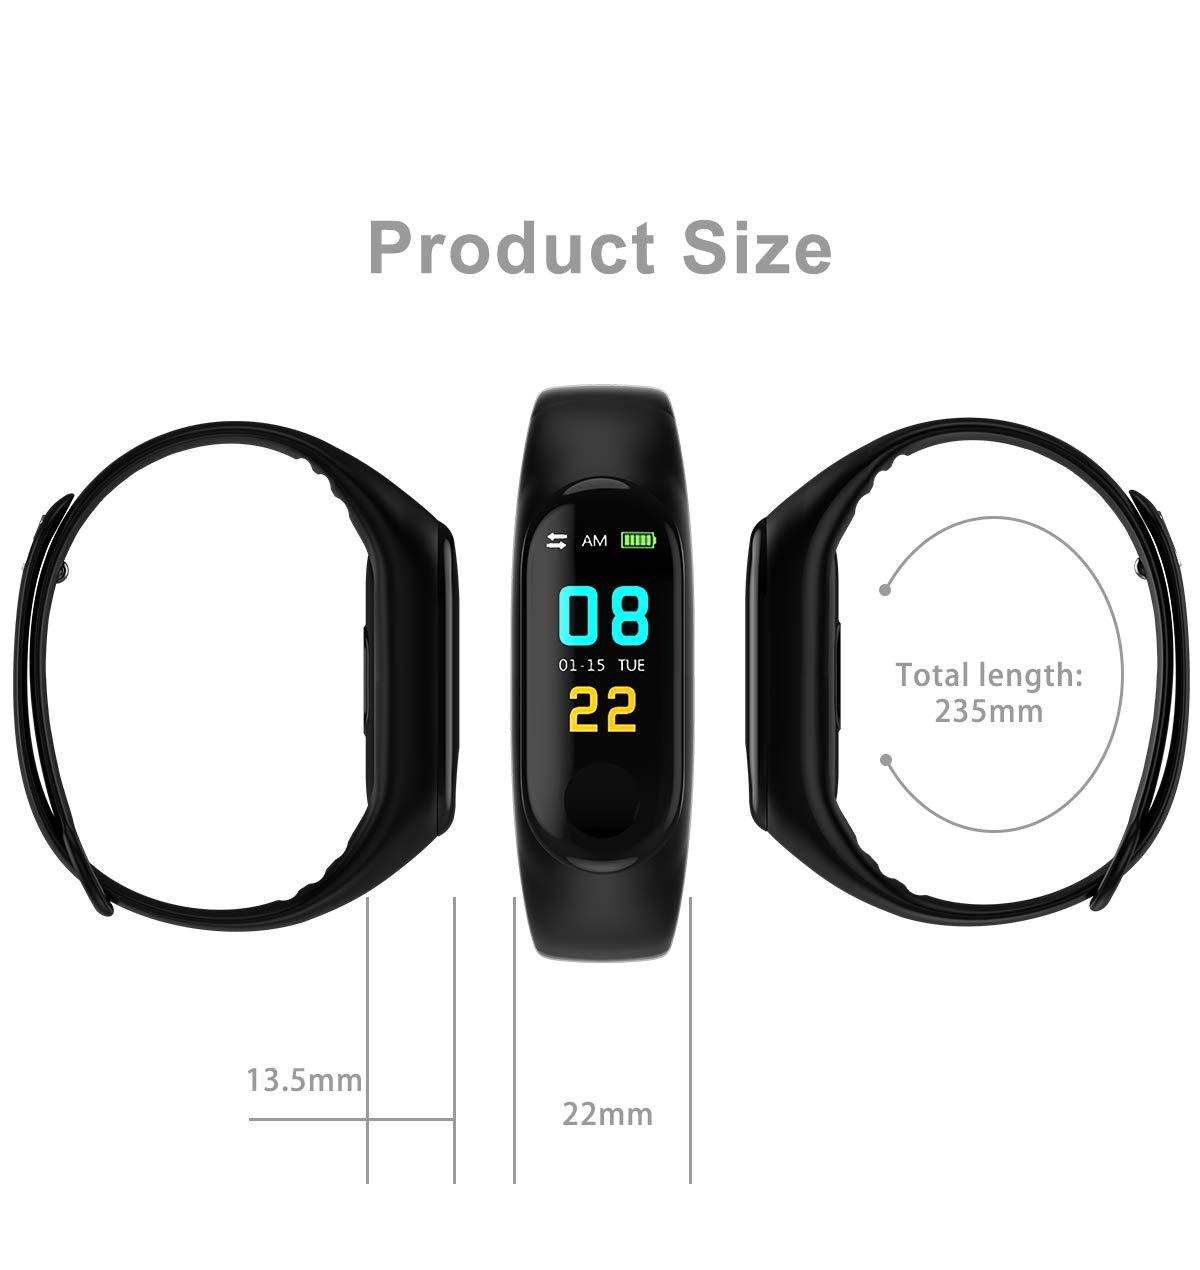 NMJG M3 Pulsera de Actividad, Impermeable IP68 Monitores Inteligente con Pulsómetro Fitness Tracker Smartwatch Reloj Deportivo Monitor Ritmo Cardíaco 8